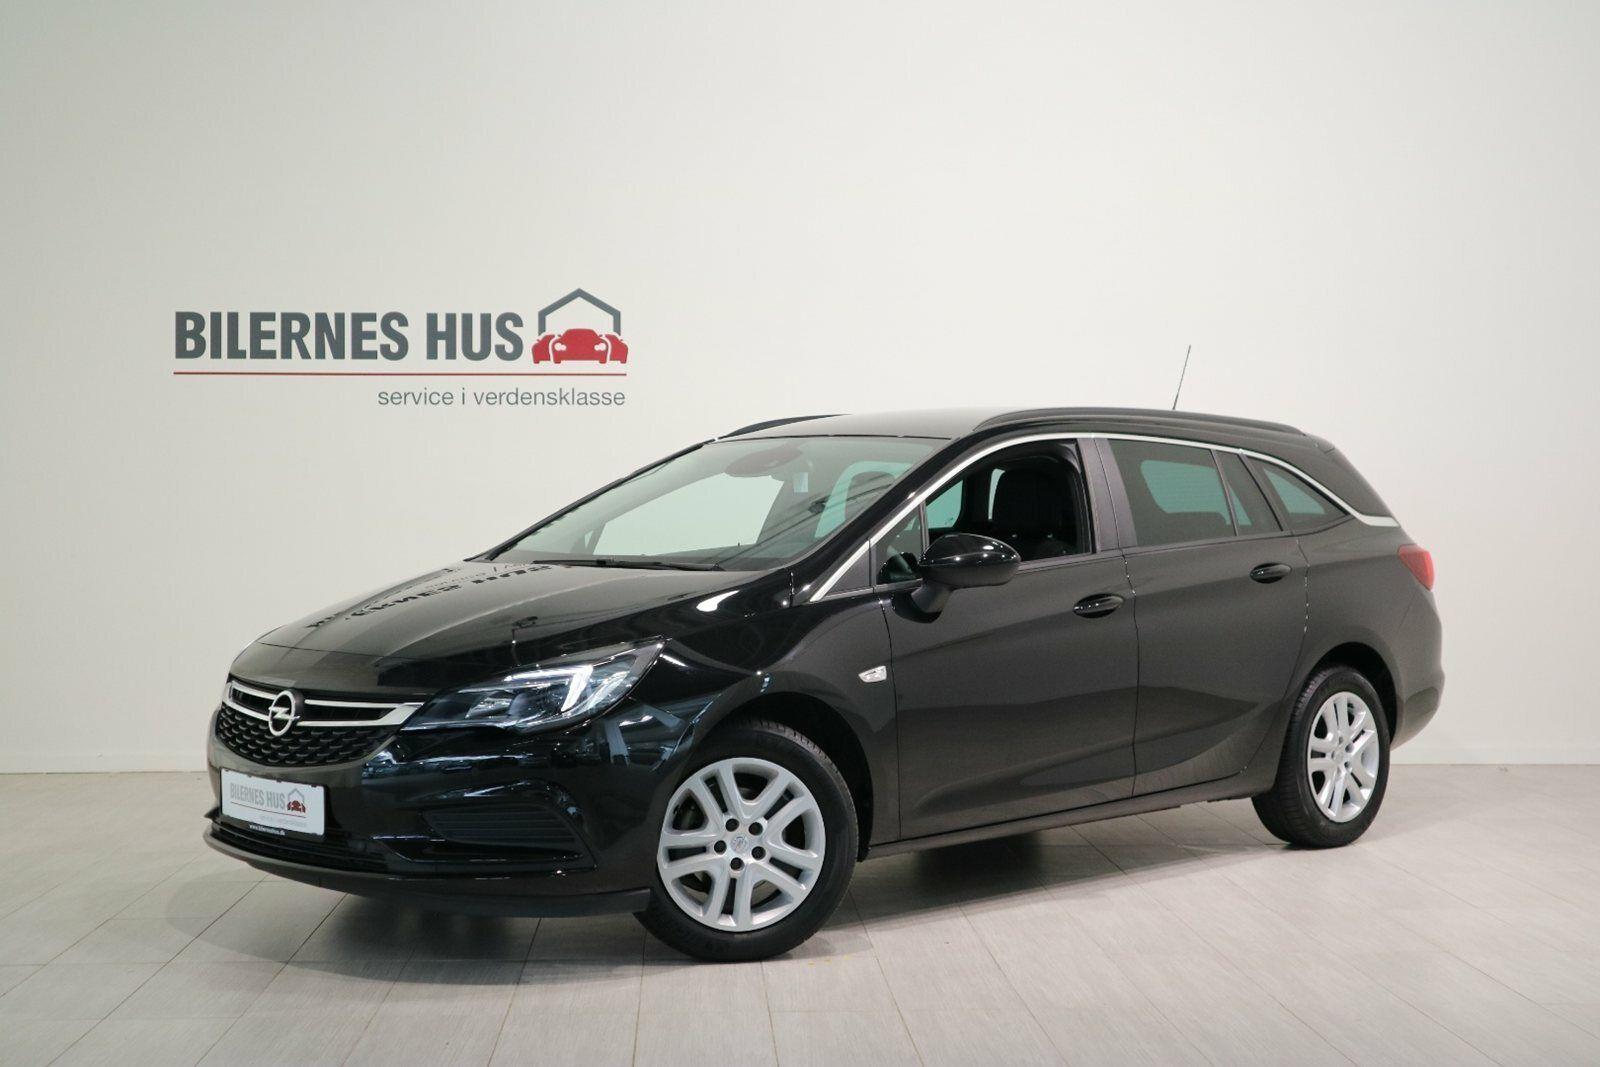 Opel Astra Billede 6